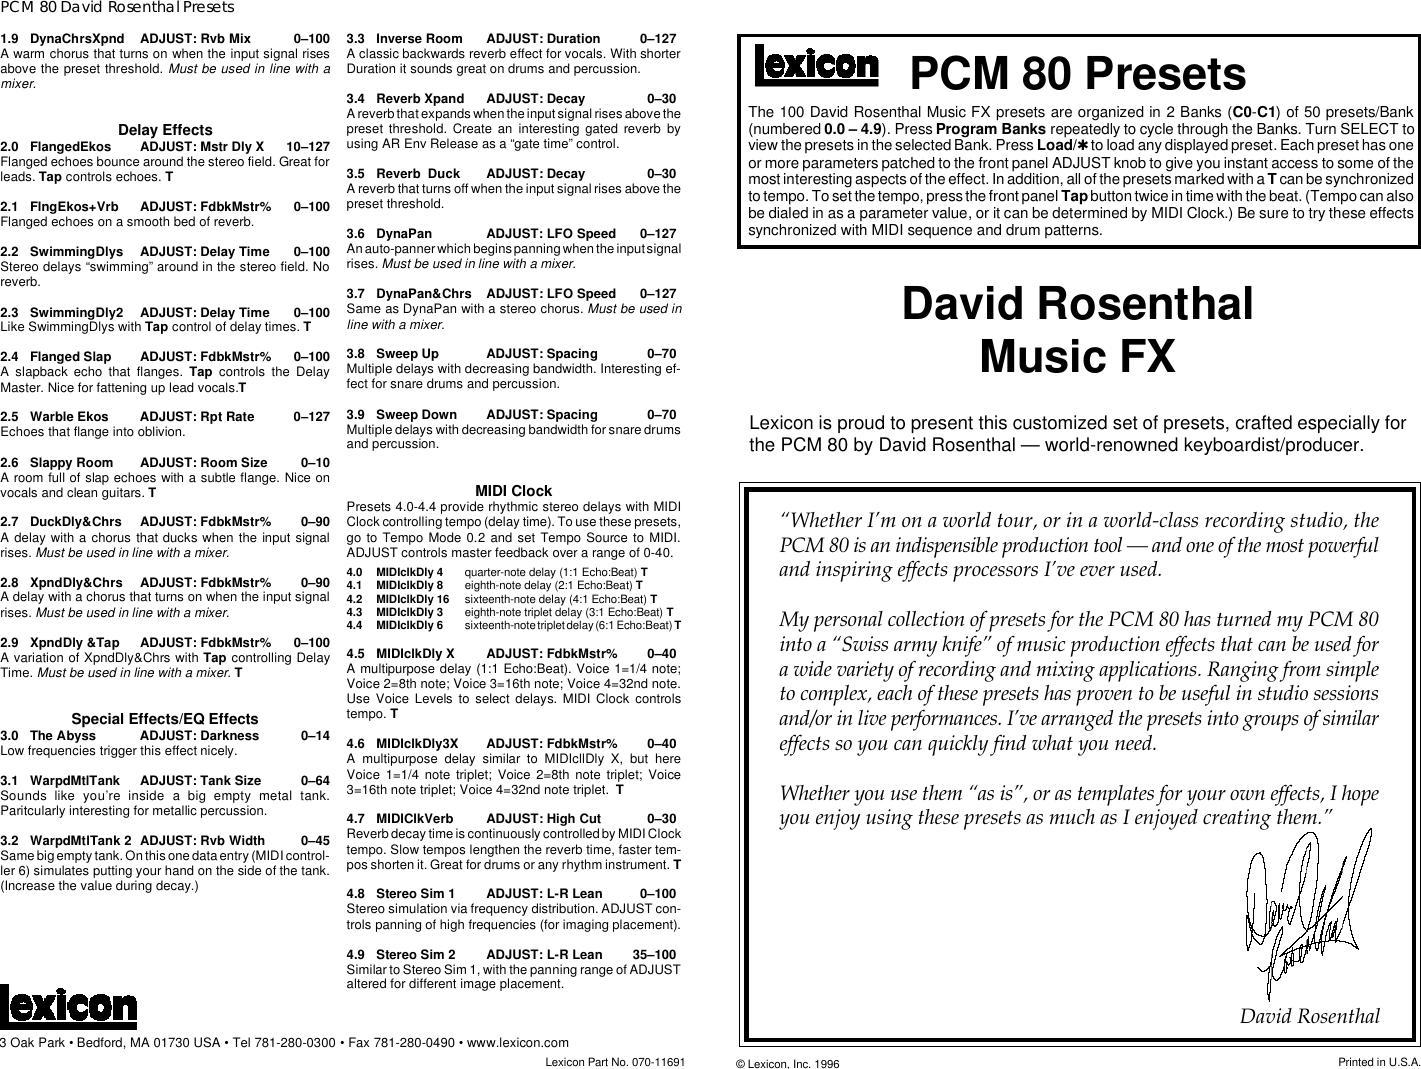 Lexicon PCM80 Music FX Presets Original